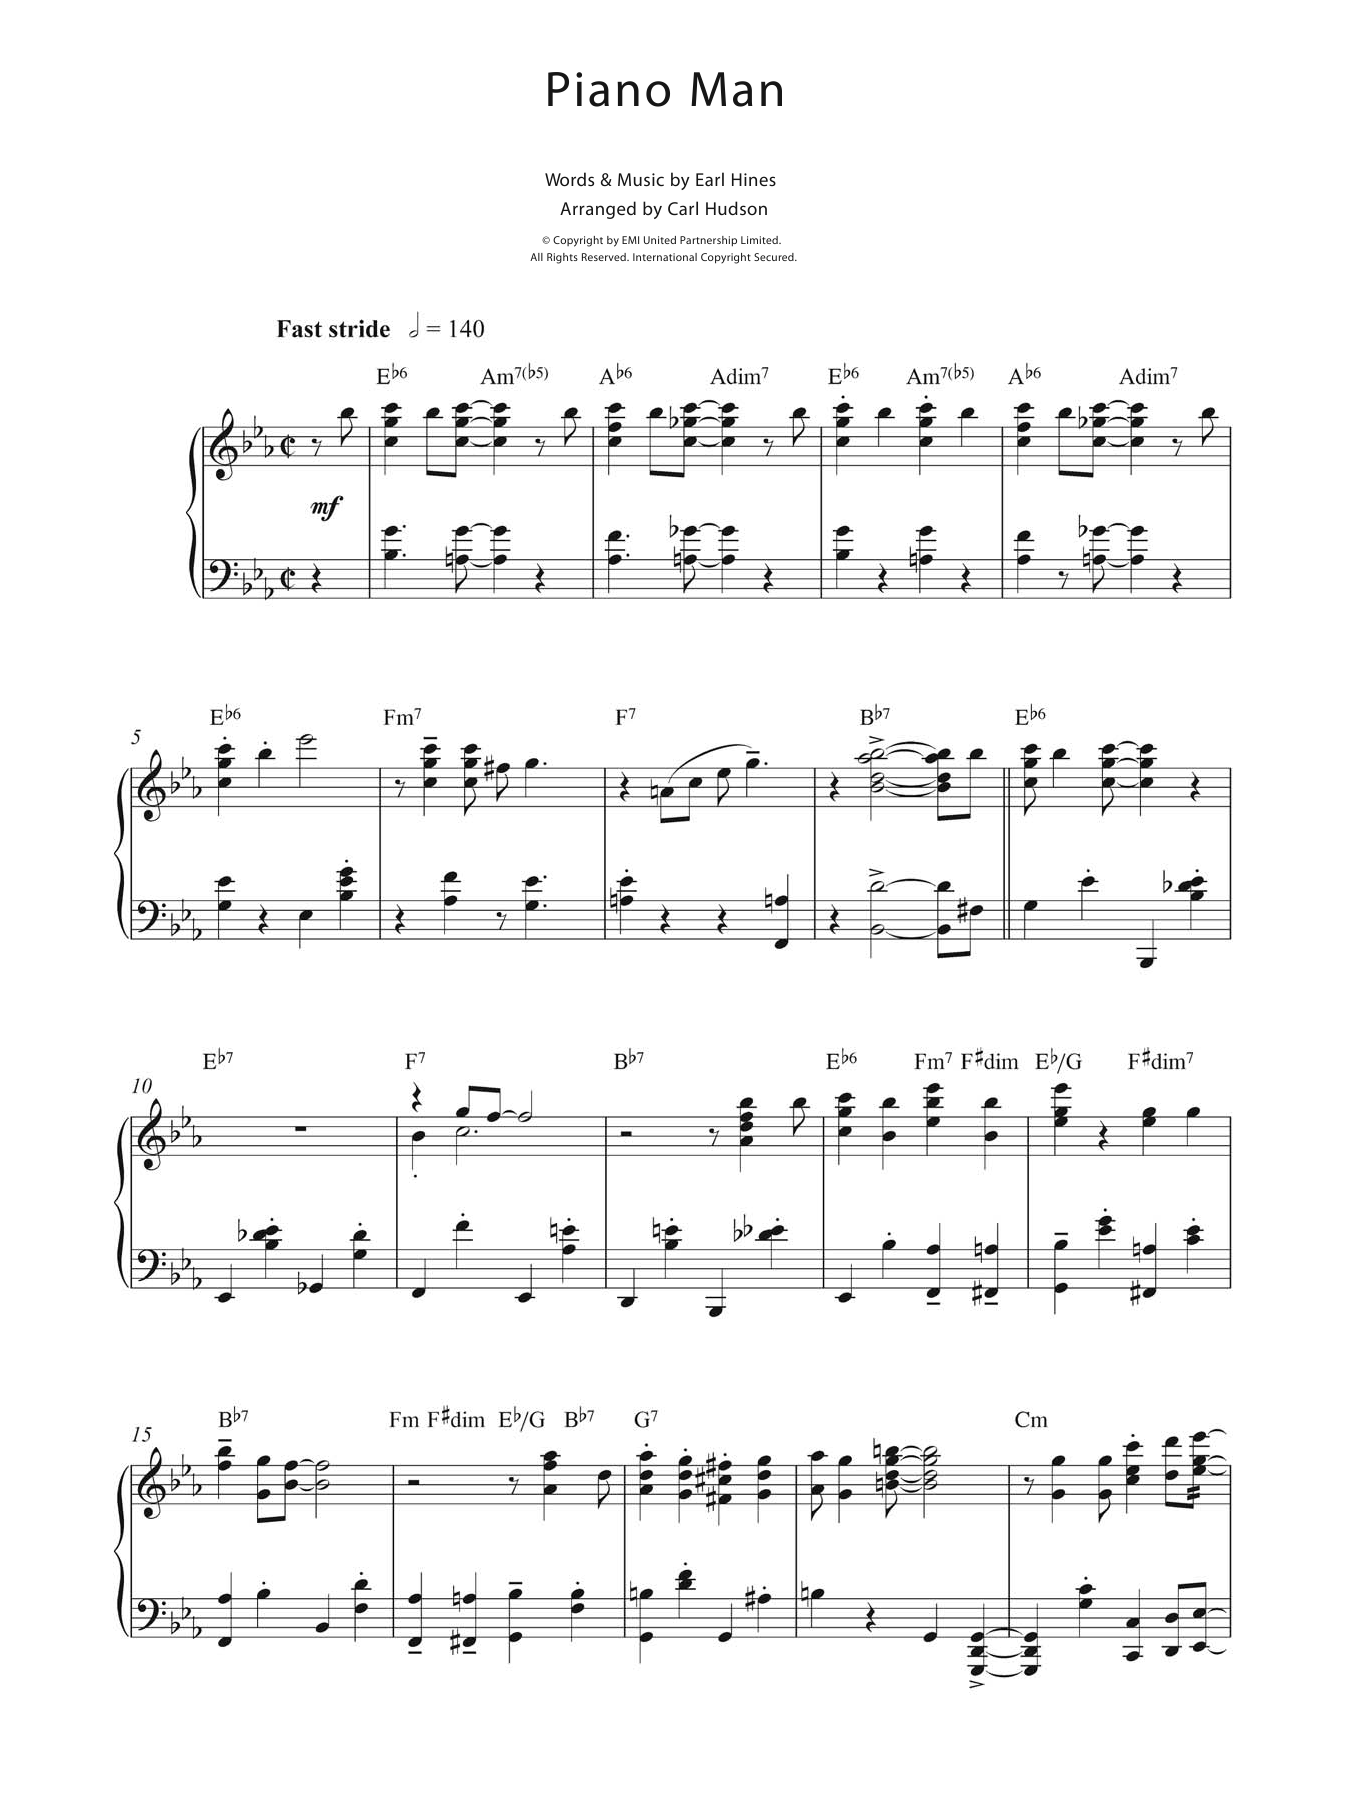 Earl Hines - Piano Man